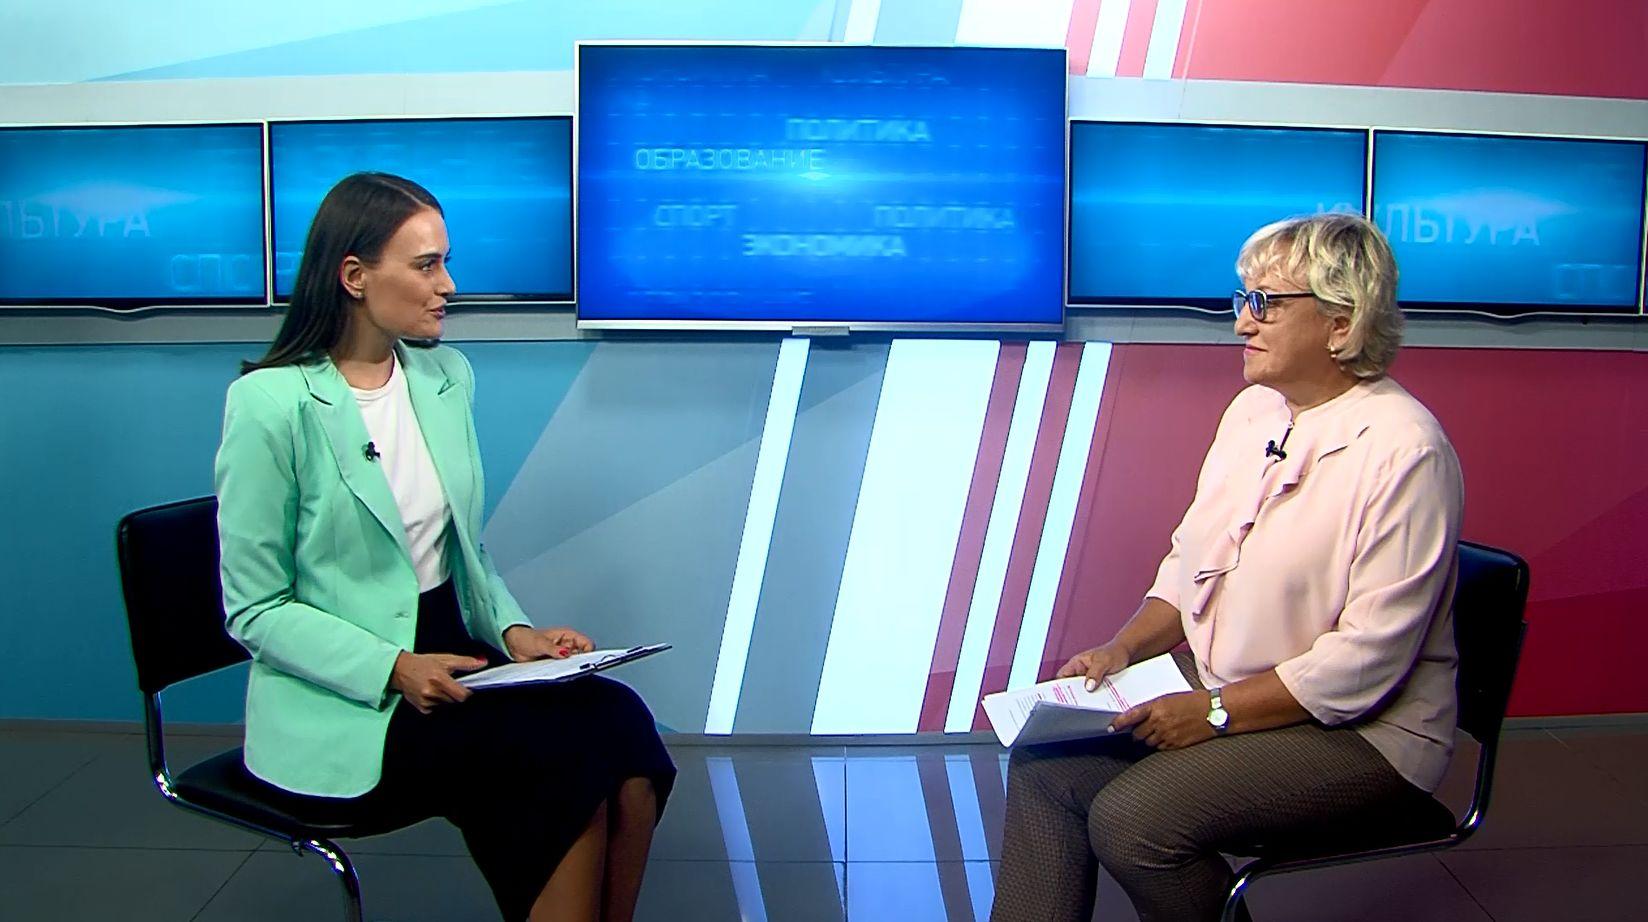 Программа «В тему»: Светлана Астафьева - о подготовке учебных заведений к новому учебному году